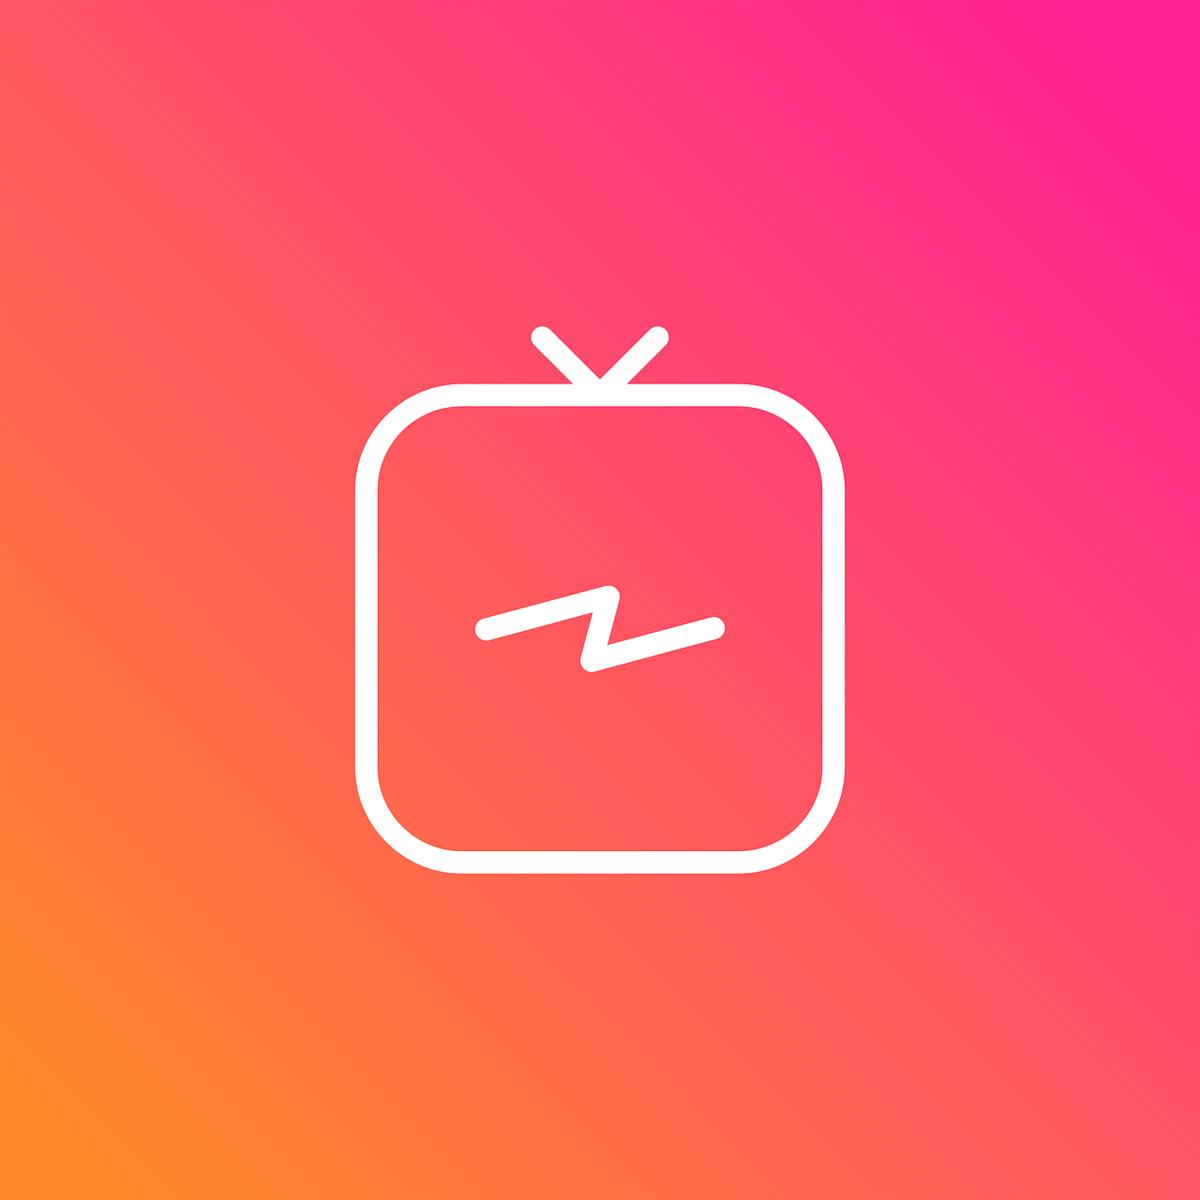 Logo de la App IGTV